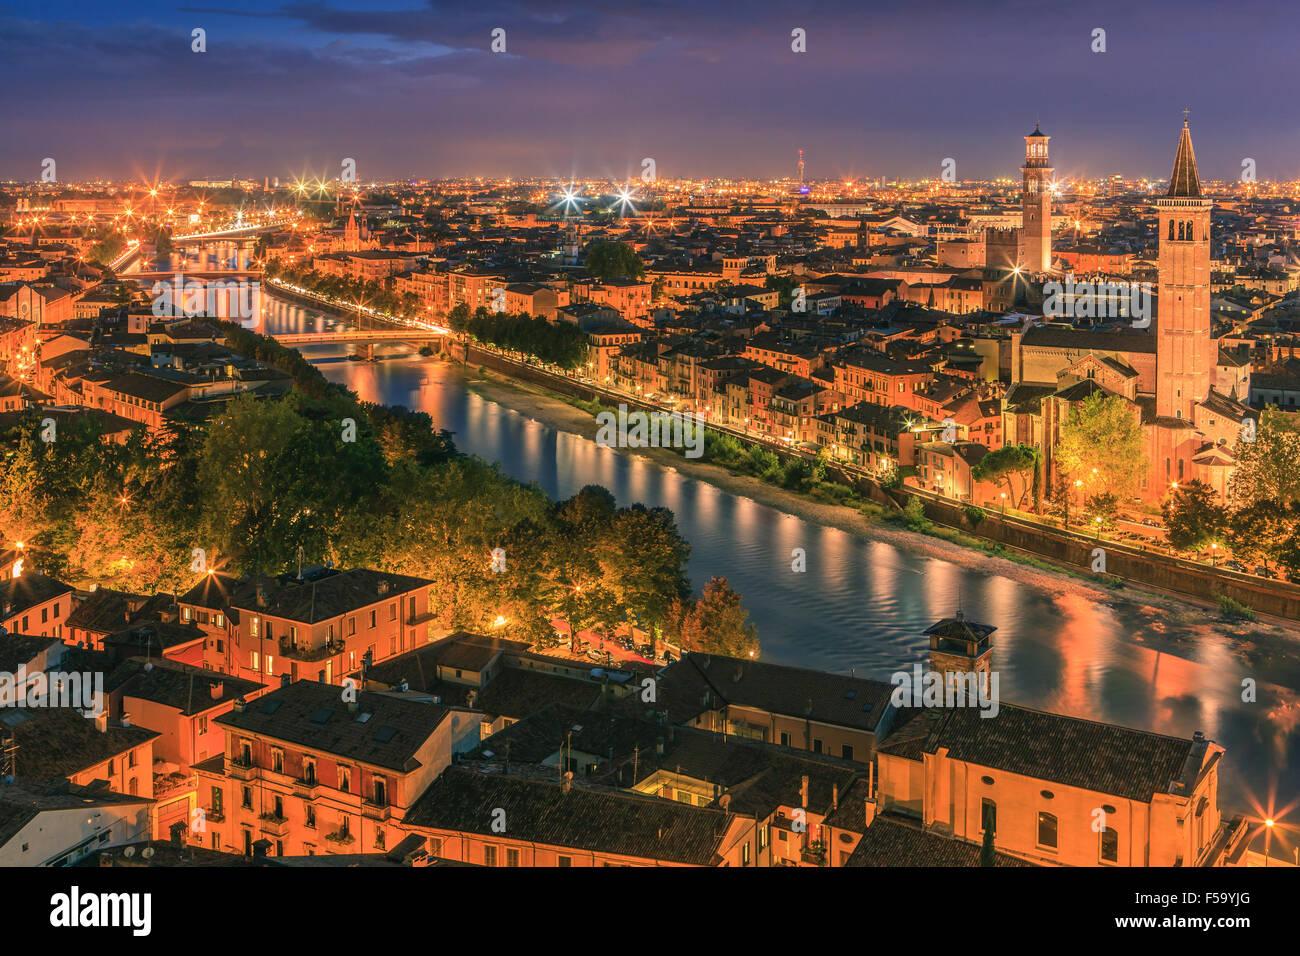 Iglesia de Santa Anastasia y la Torre dei Lamberti al atardecer a lo largo del río Adigio en Verona, Italia. Imagen De Stock